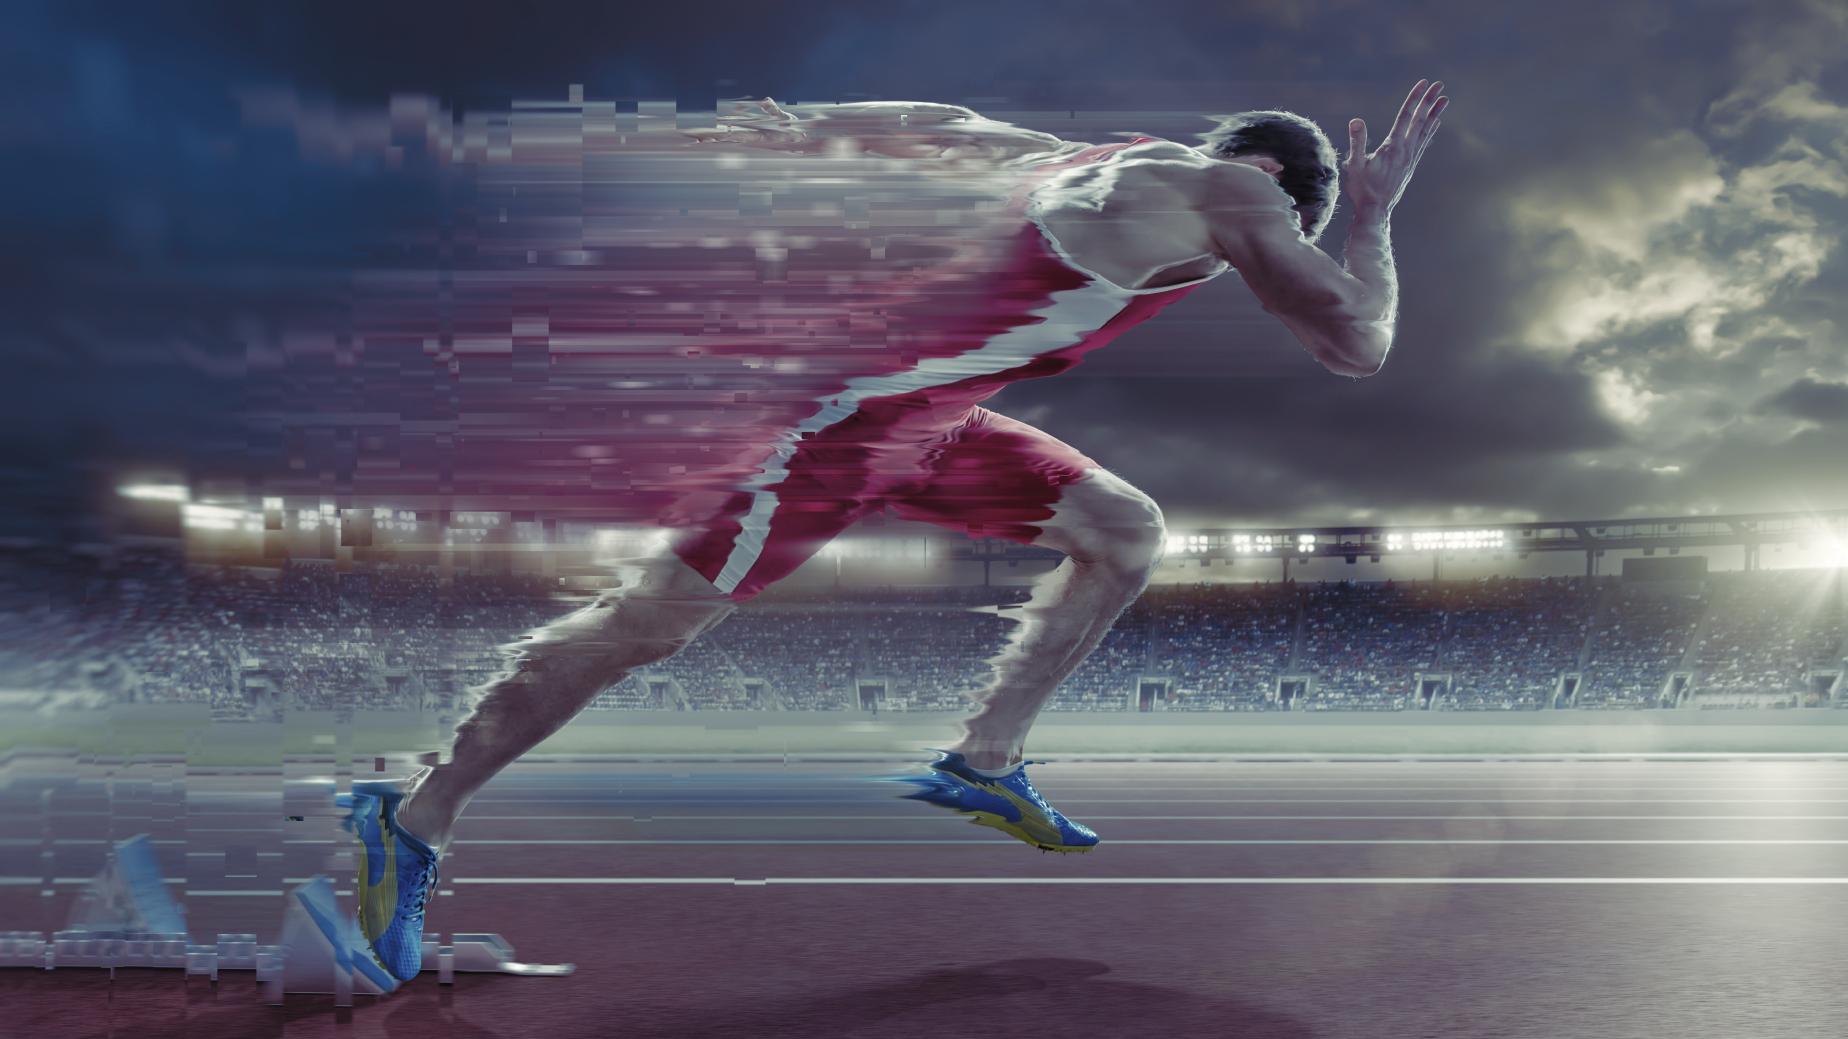 Фантастические картинки бегунов